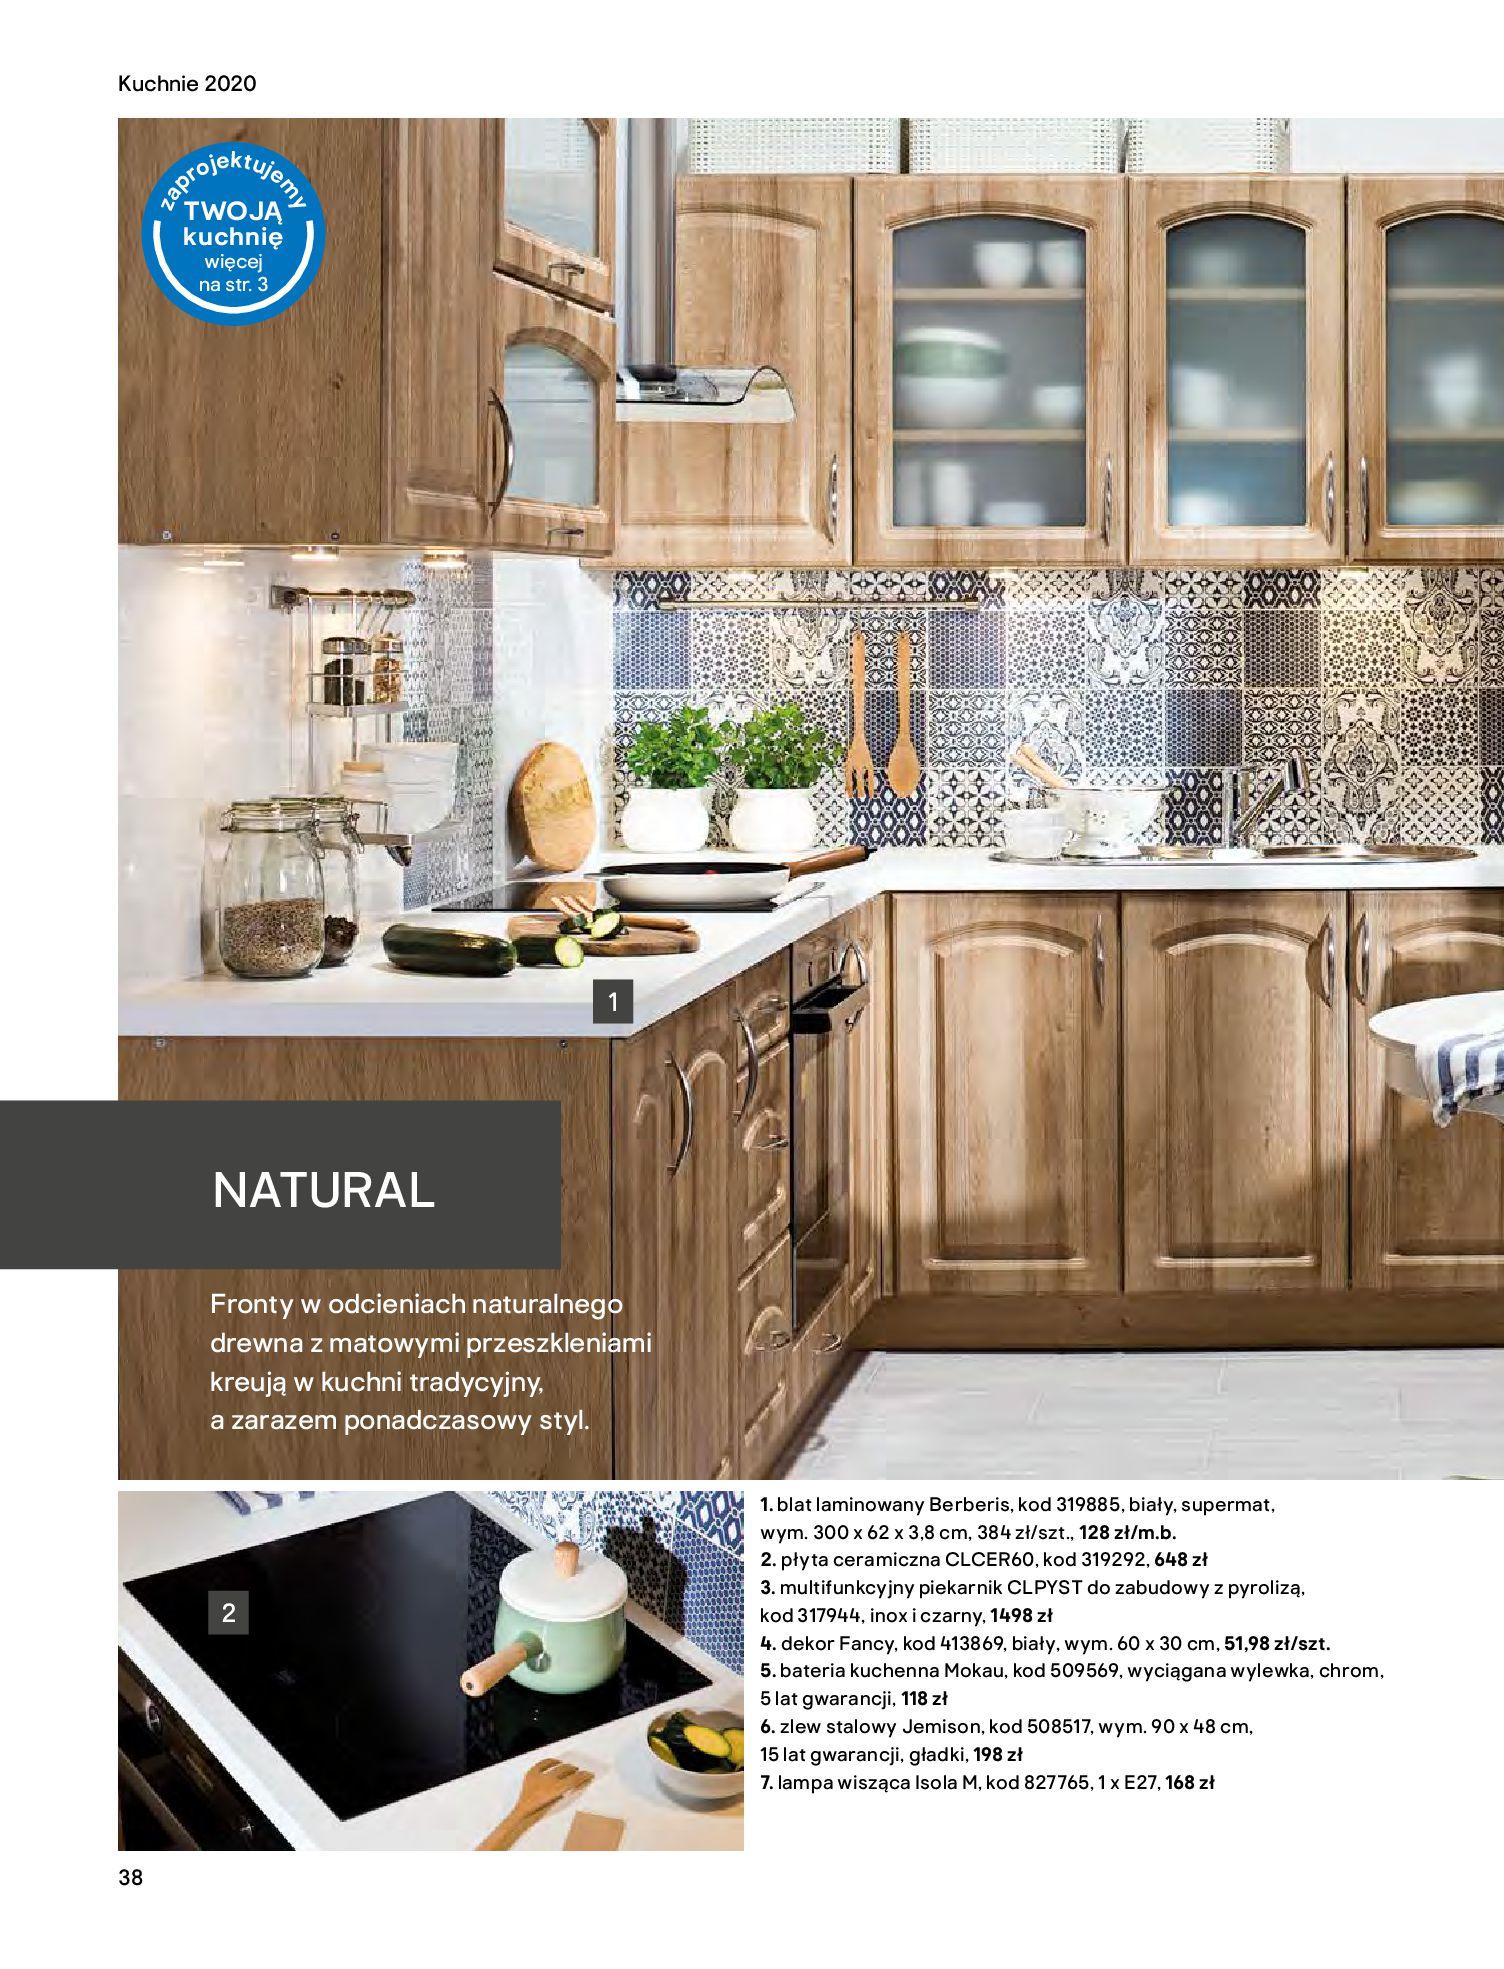 Gazetka Castorama - Katalog Kuchnie 2020-14.04.2020-31.12.2020-page-38